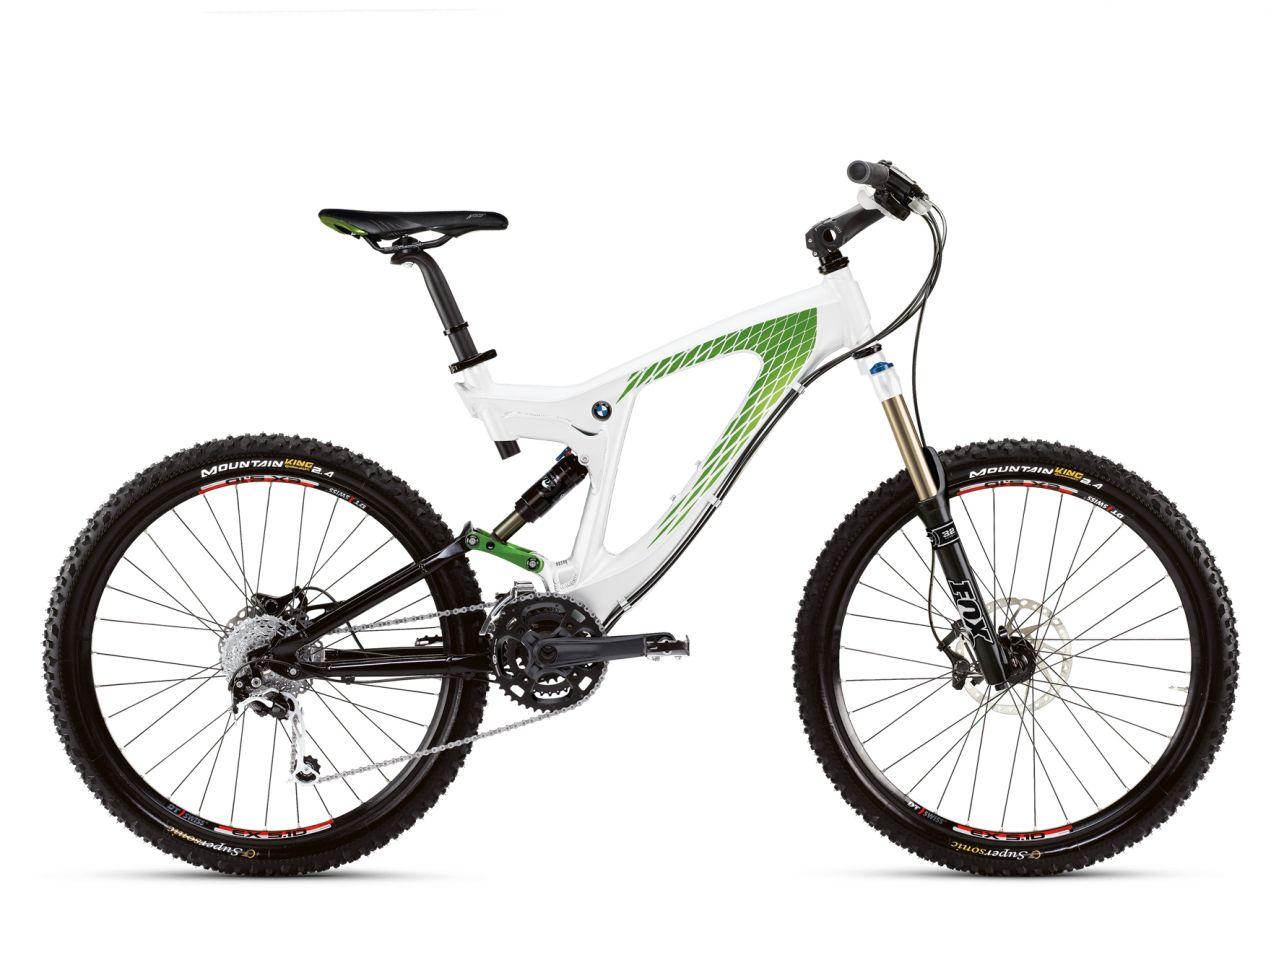 Ni Bicicleta Ni Bicicleto: Revista Coche: BMW Y El Desarrollo De Sus Bicicletas